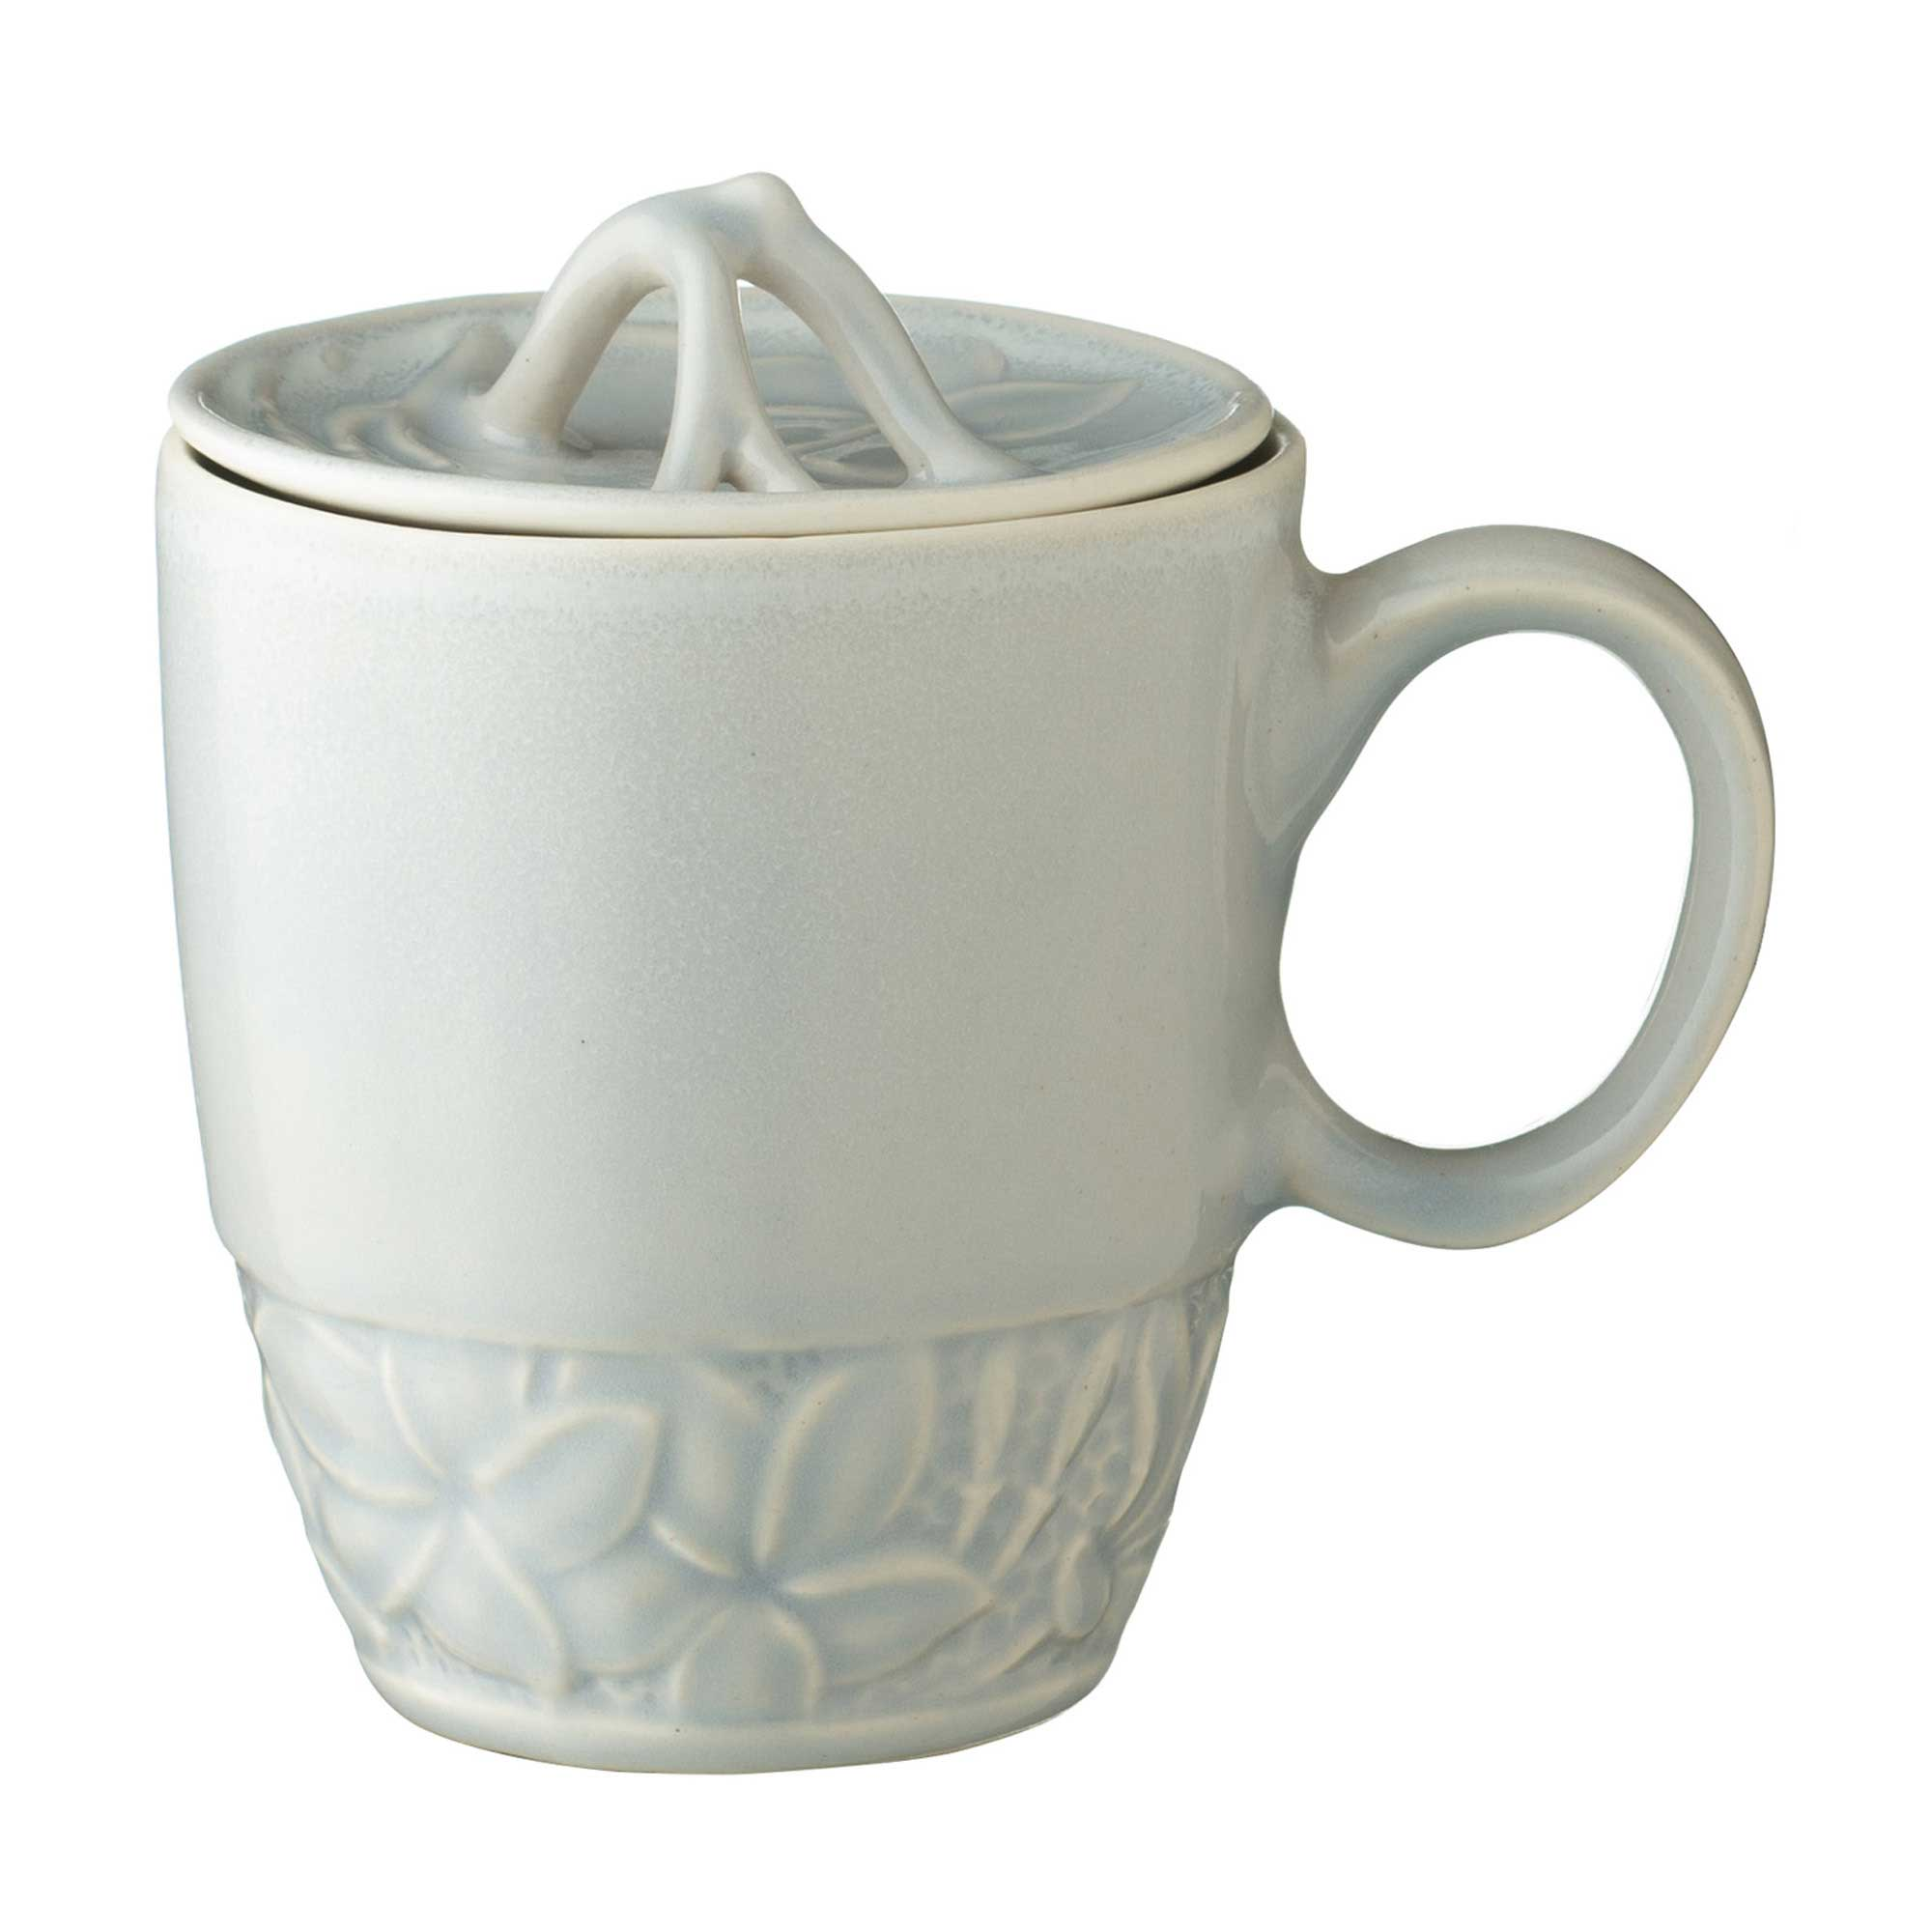 lukas frangipani mug with lid